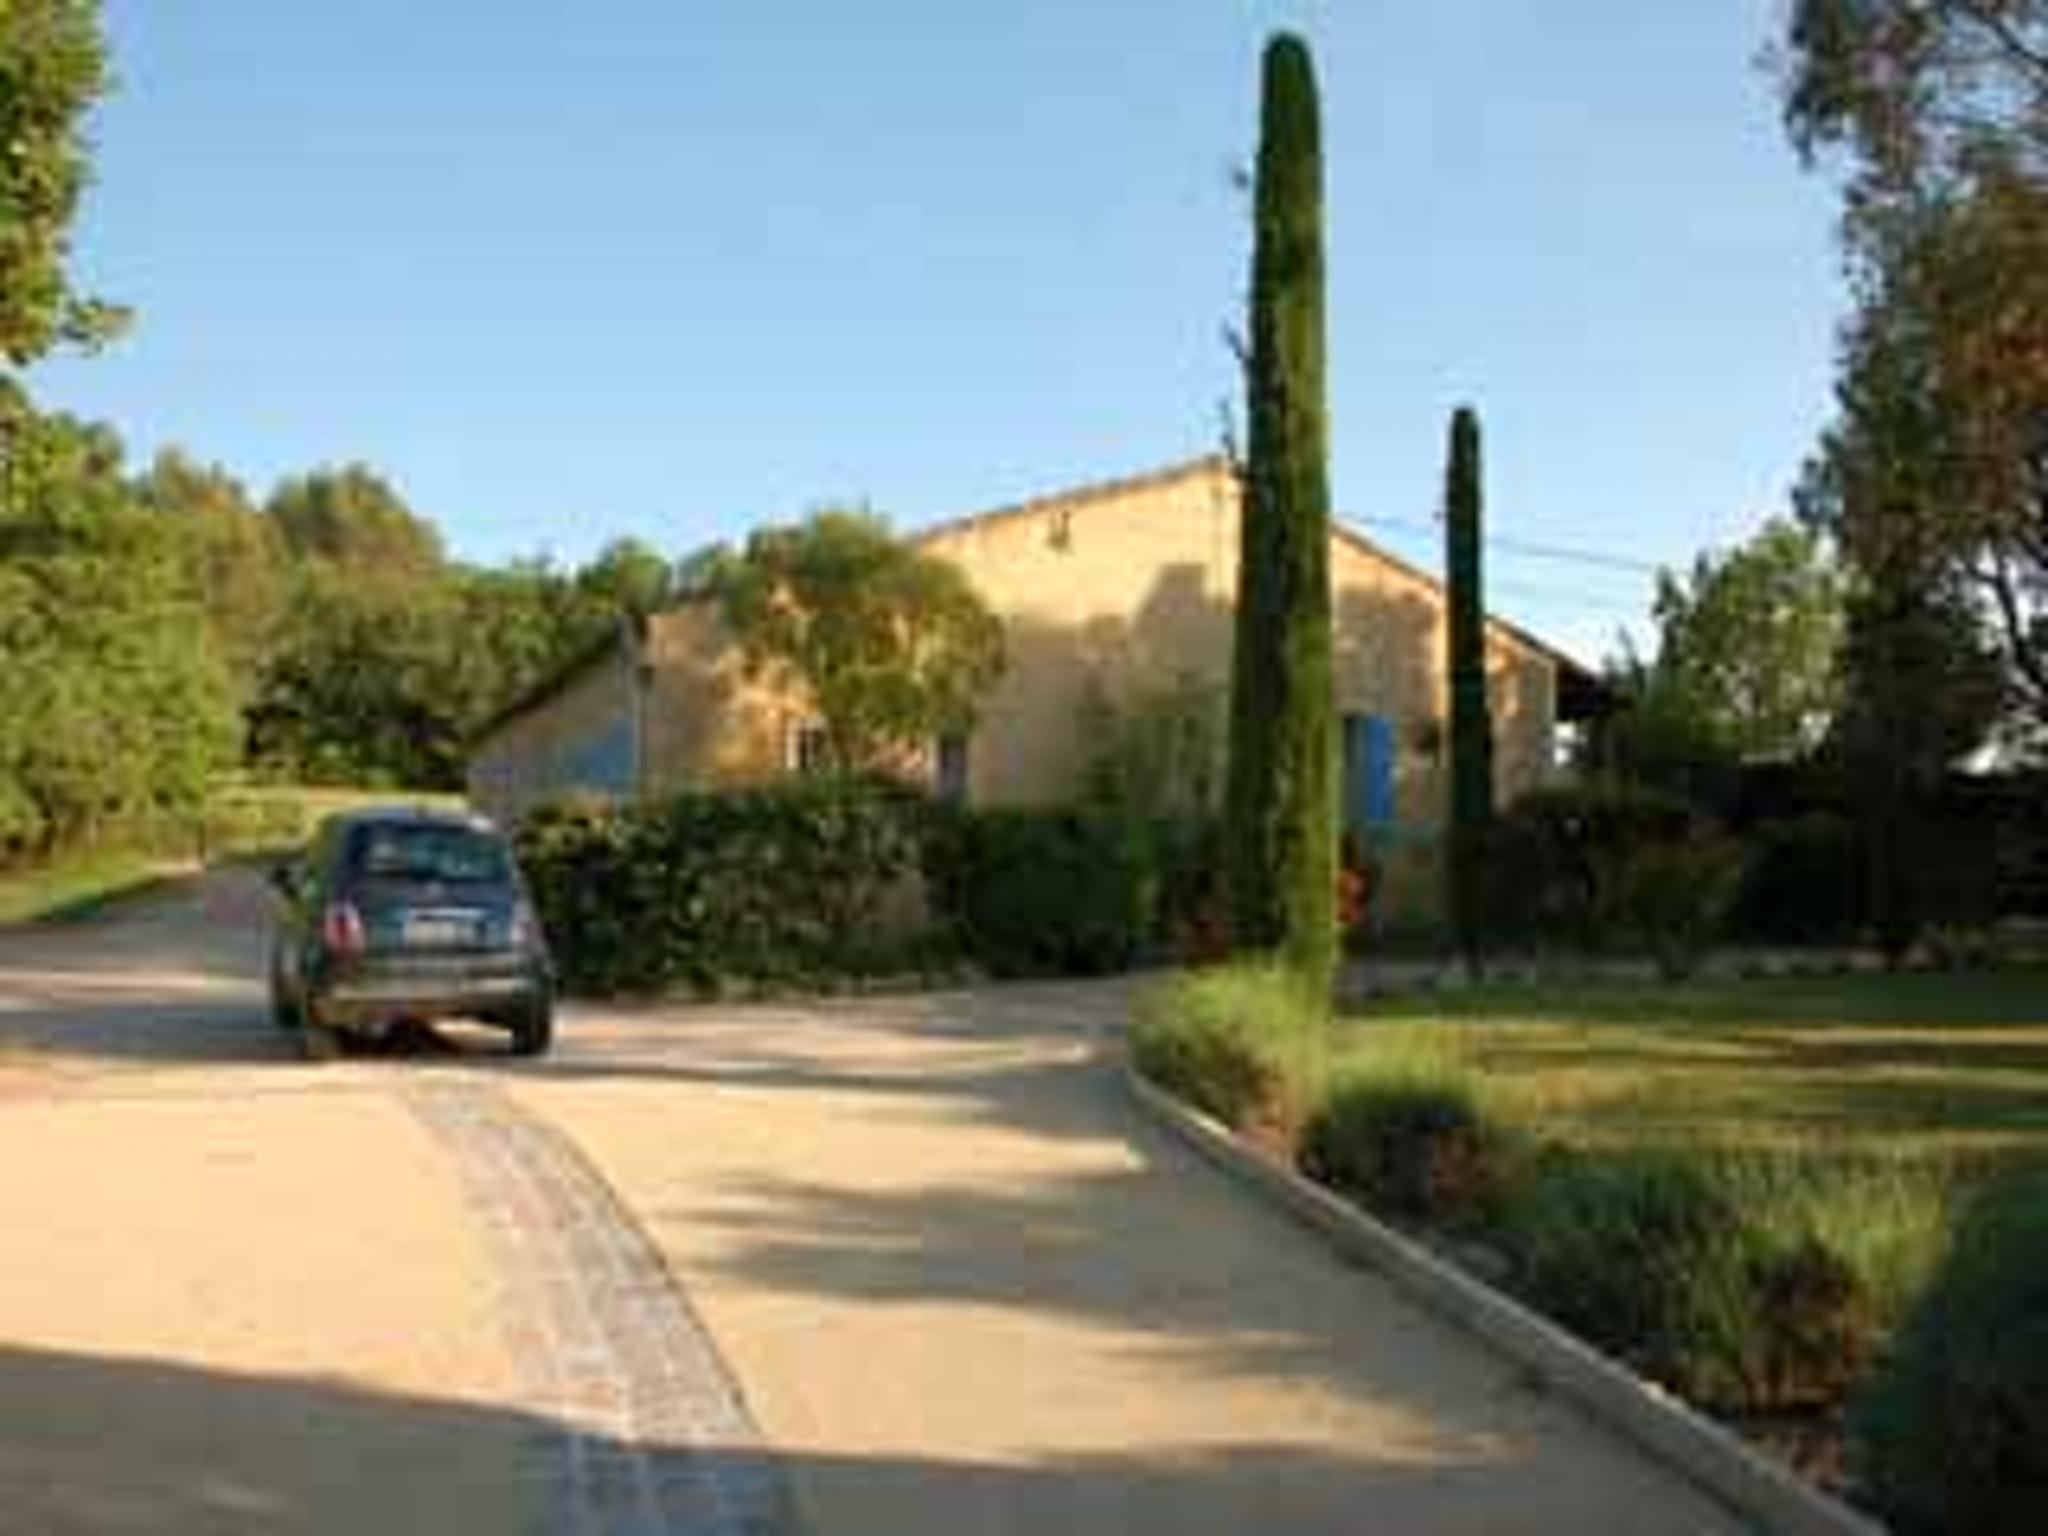 Ferienhaus Villa mit 4 Schlafzimmern in Pernes-les-Fontaines mit toller Aussicht auf die Berge, priva (2519446), Pernes les Fontaines, Saône-et-Loire, Burgund, Frankreich, Bild 20